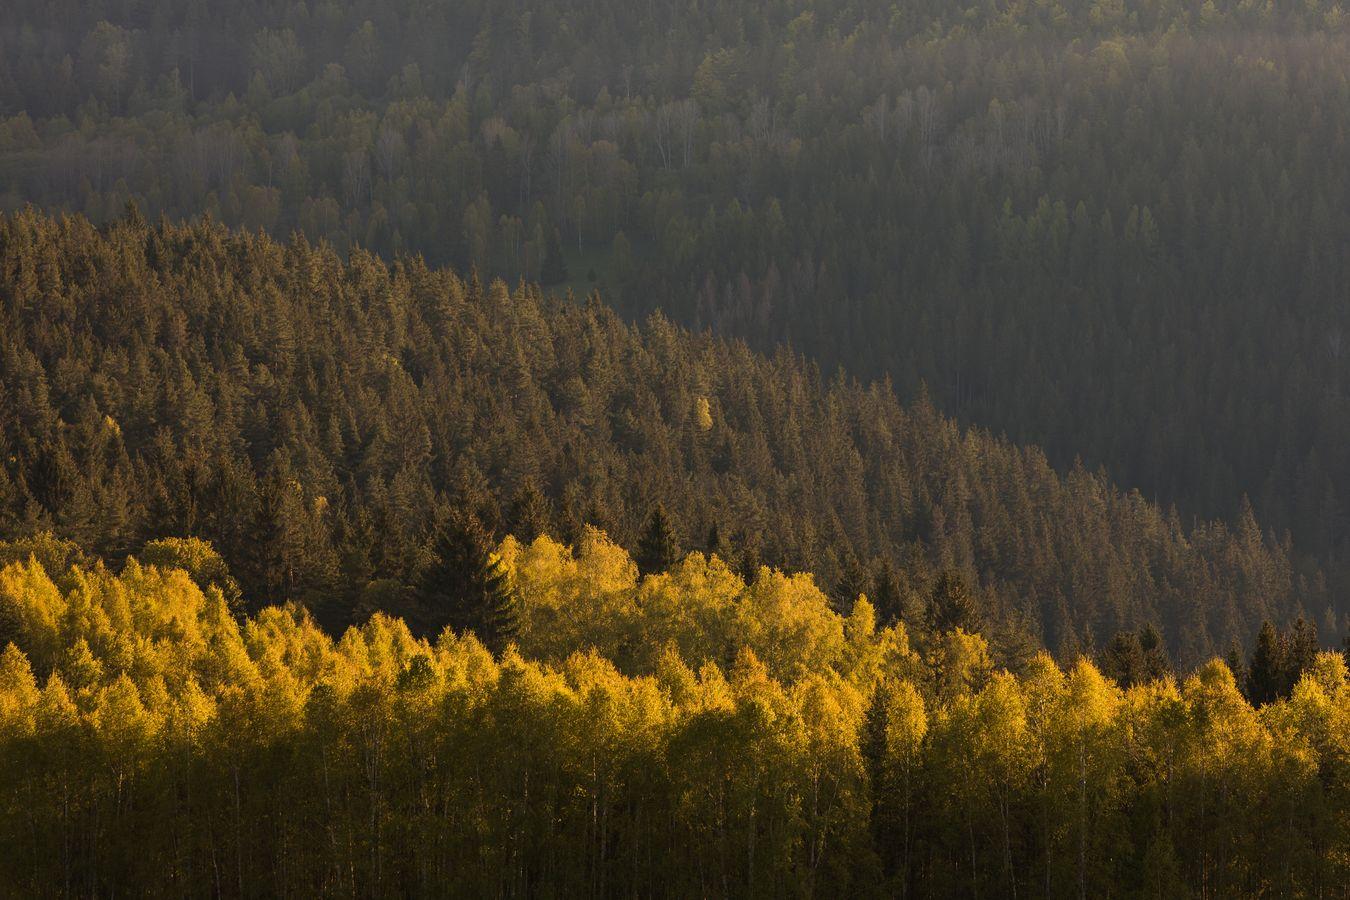 první paprsky v korunách stromů